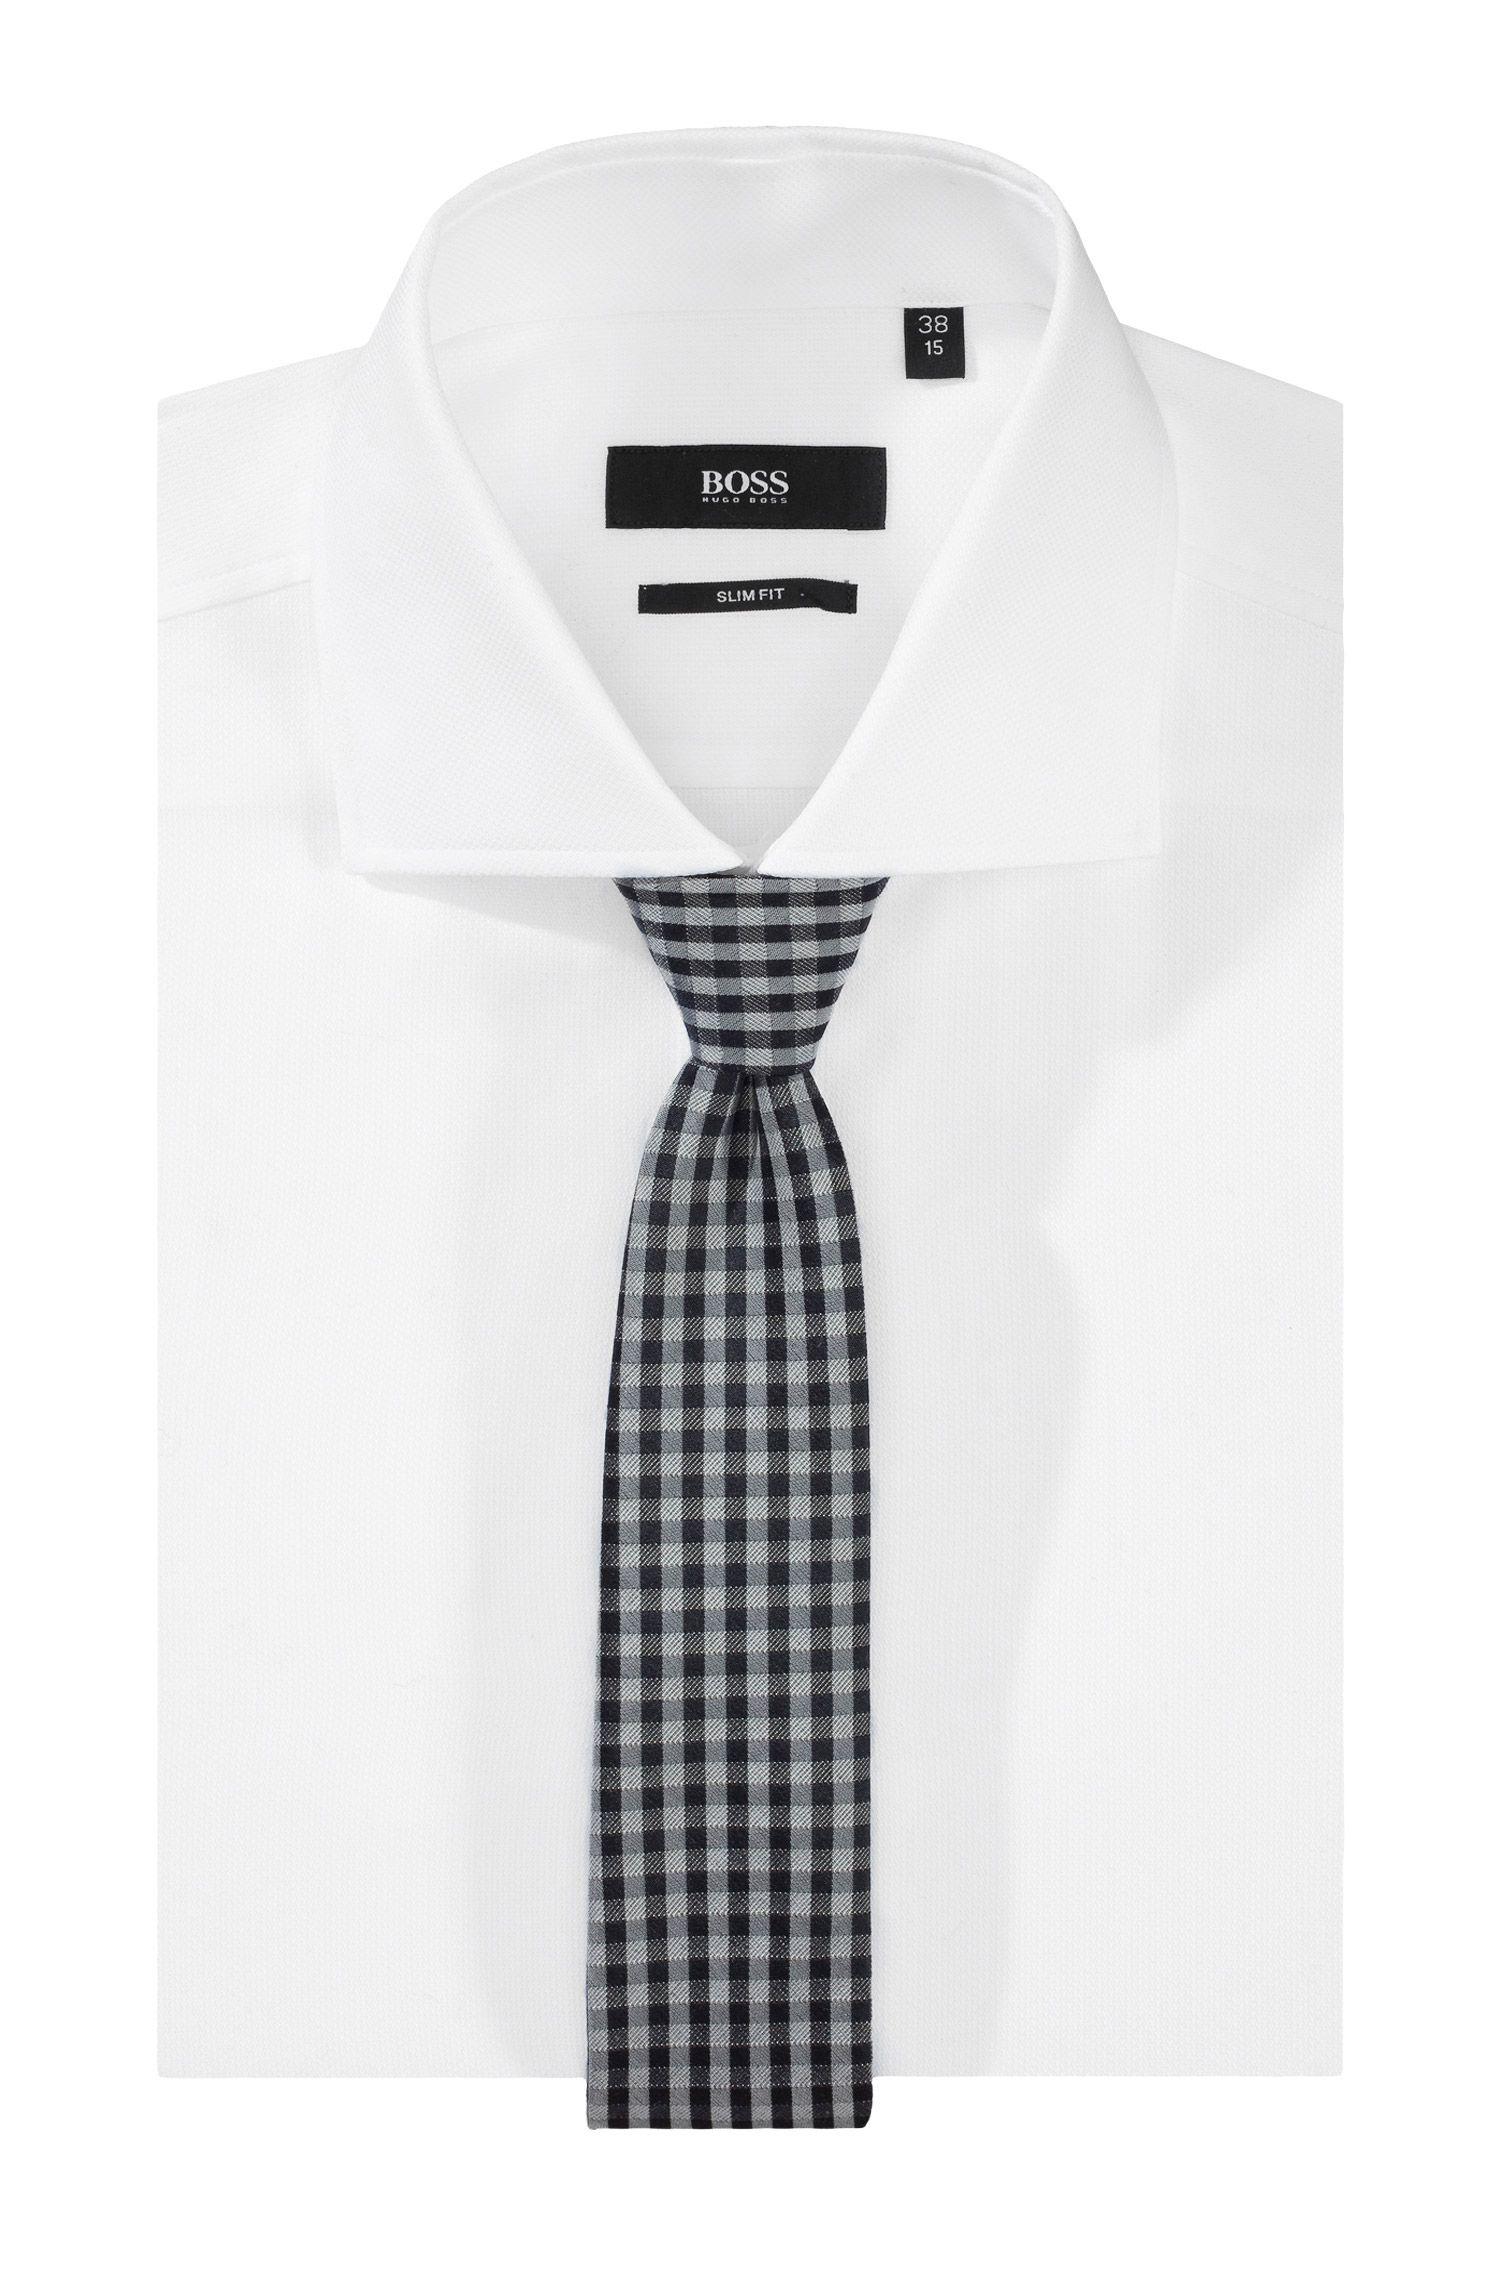 Cravate en soie mélangée, Tie 6 cm